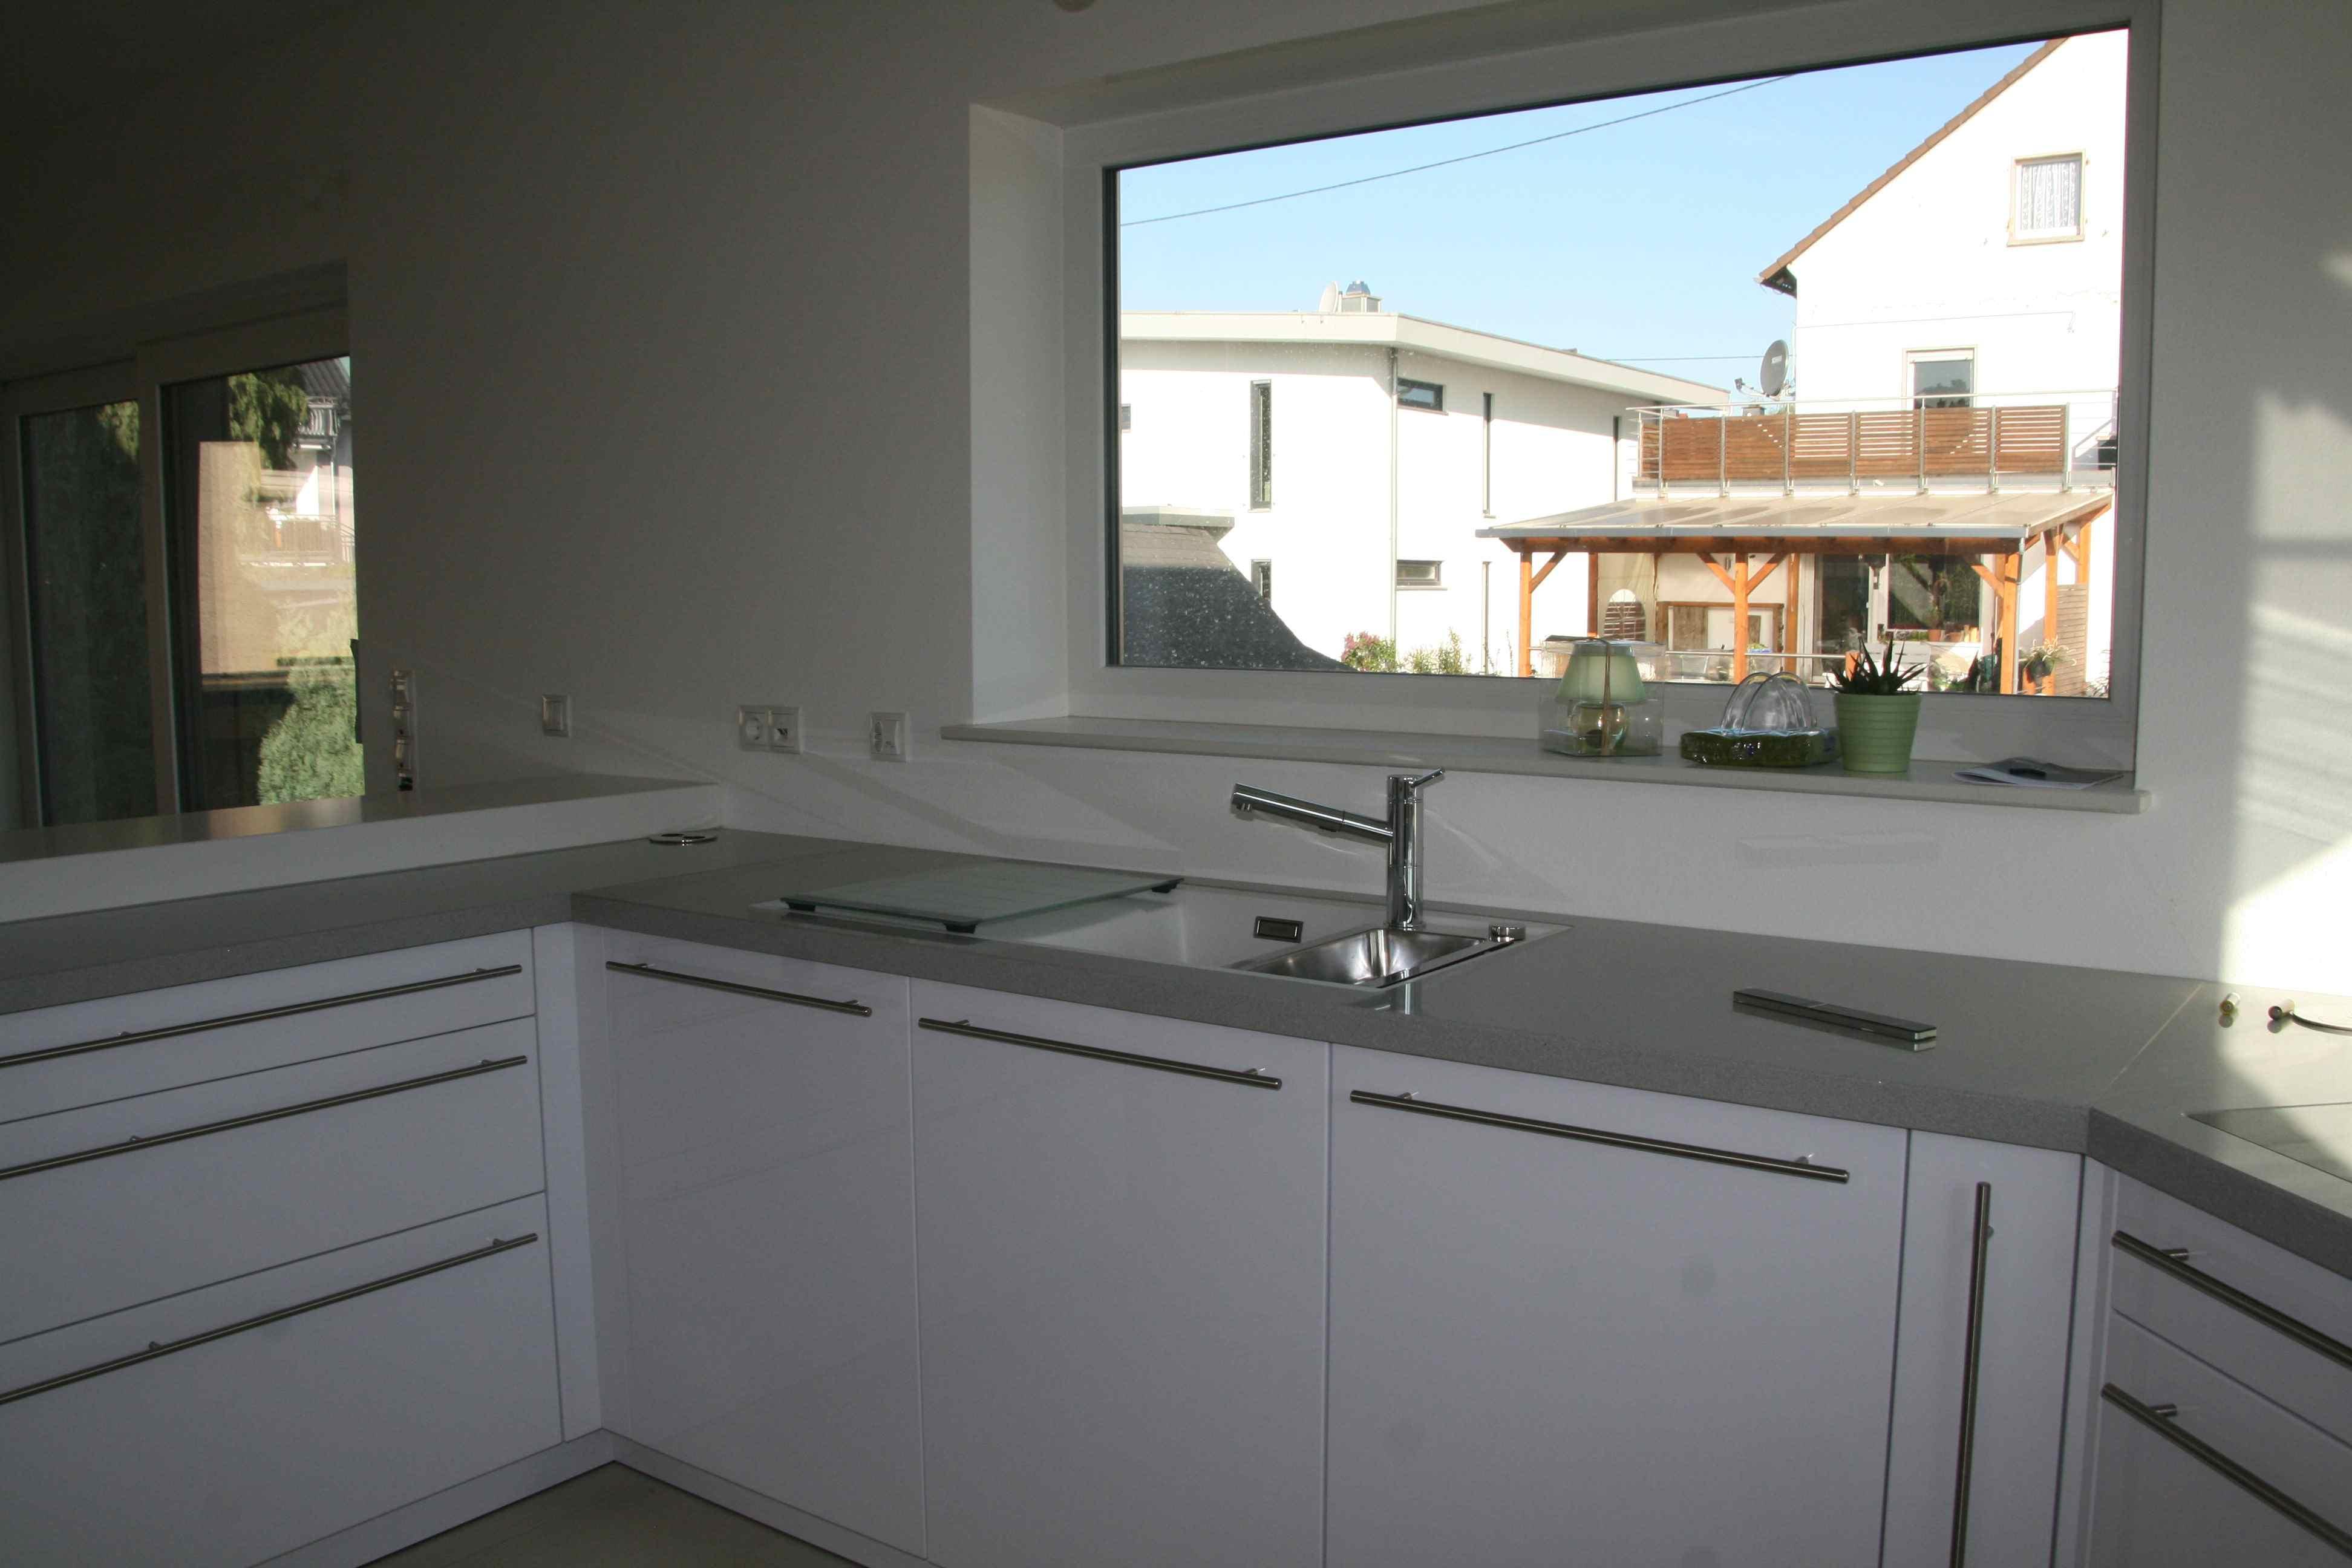 die k che ist eingebaut hausbau in weilbach. Black Bedroom Furniture Sets. Home Design Ideas